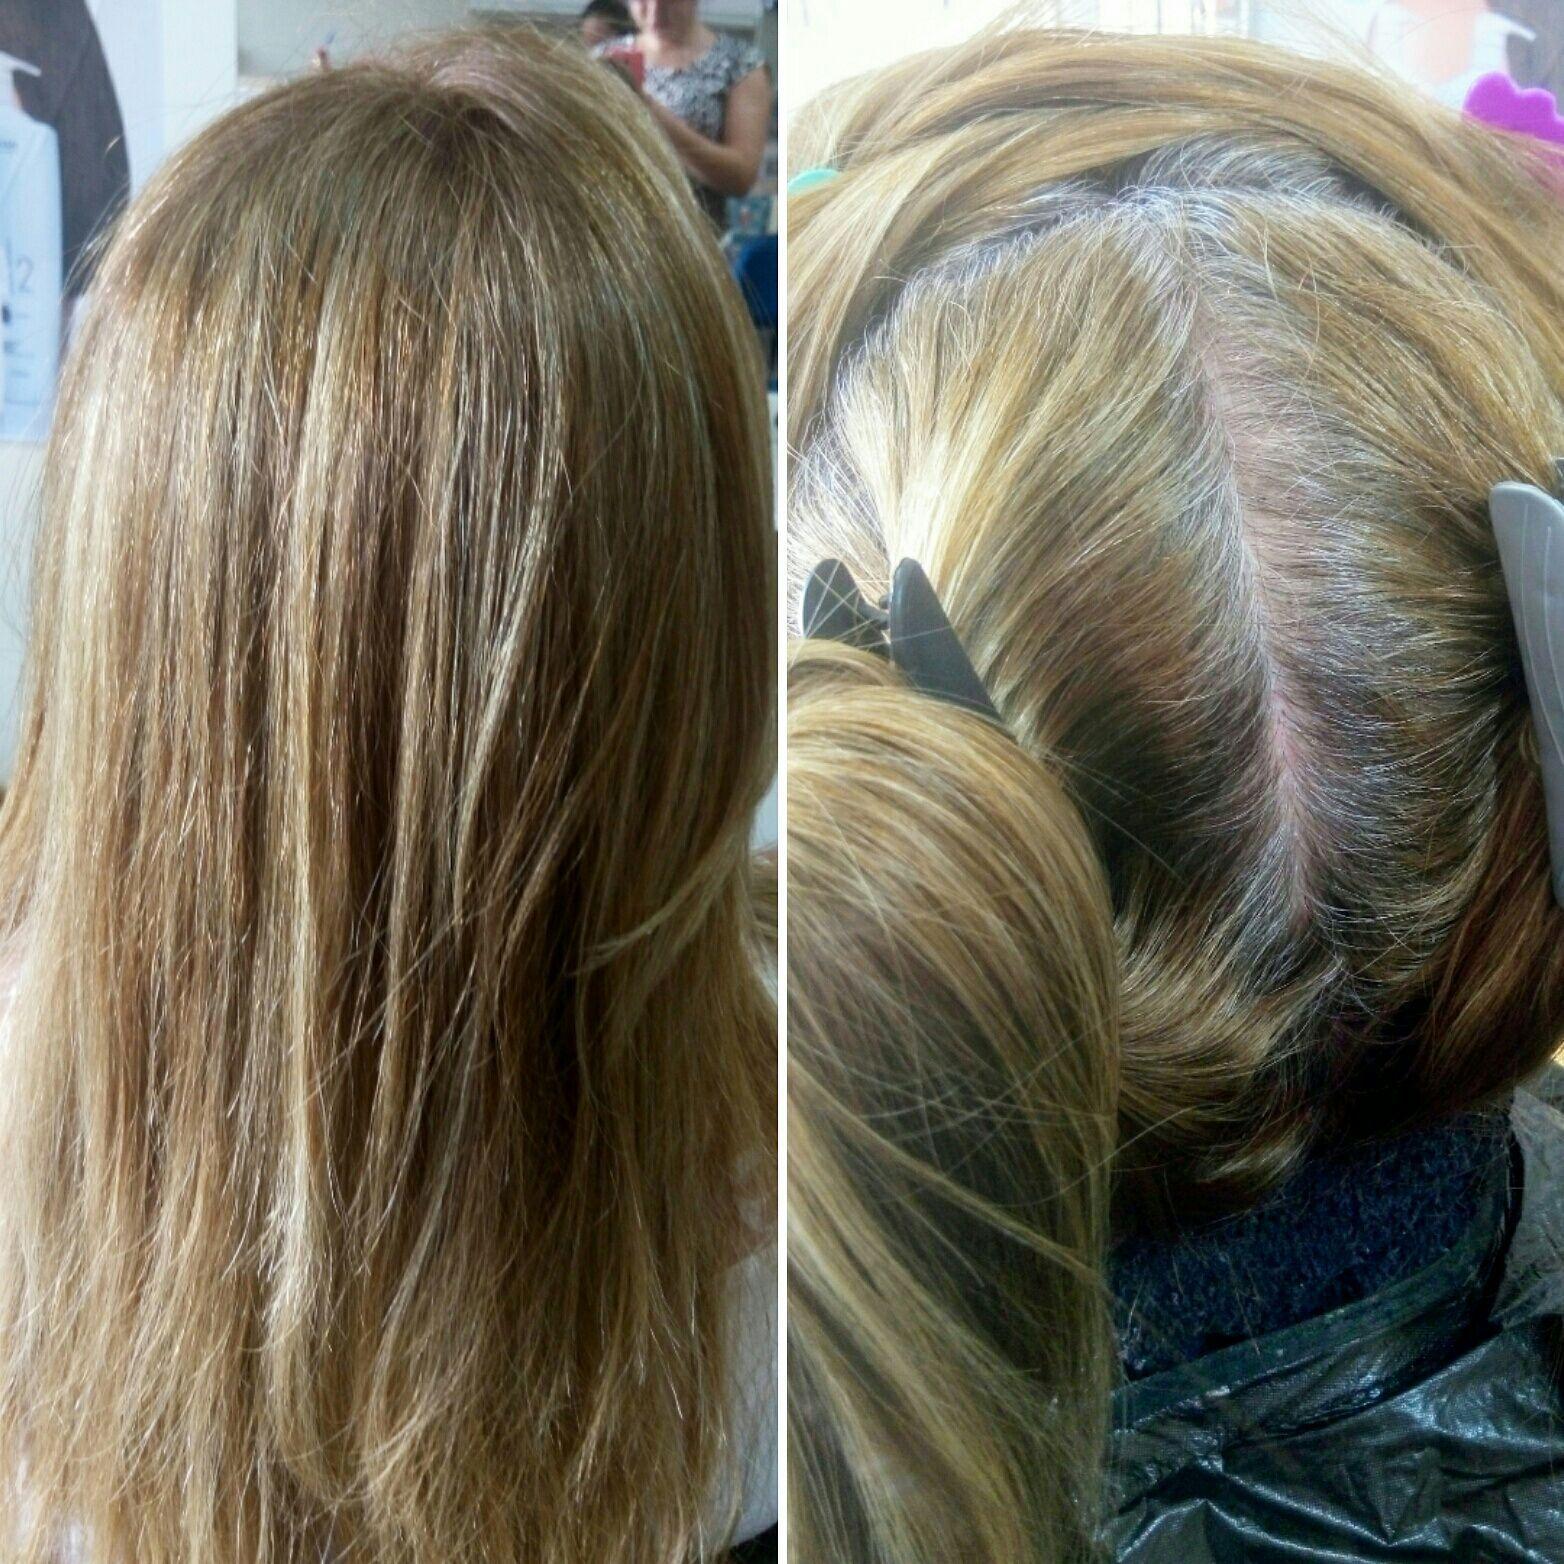 Retoque de raiz cabelo auxiliar cabeleireiro(a) cabeleireiro(a) auxiliar cabeleireiro(a)